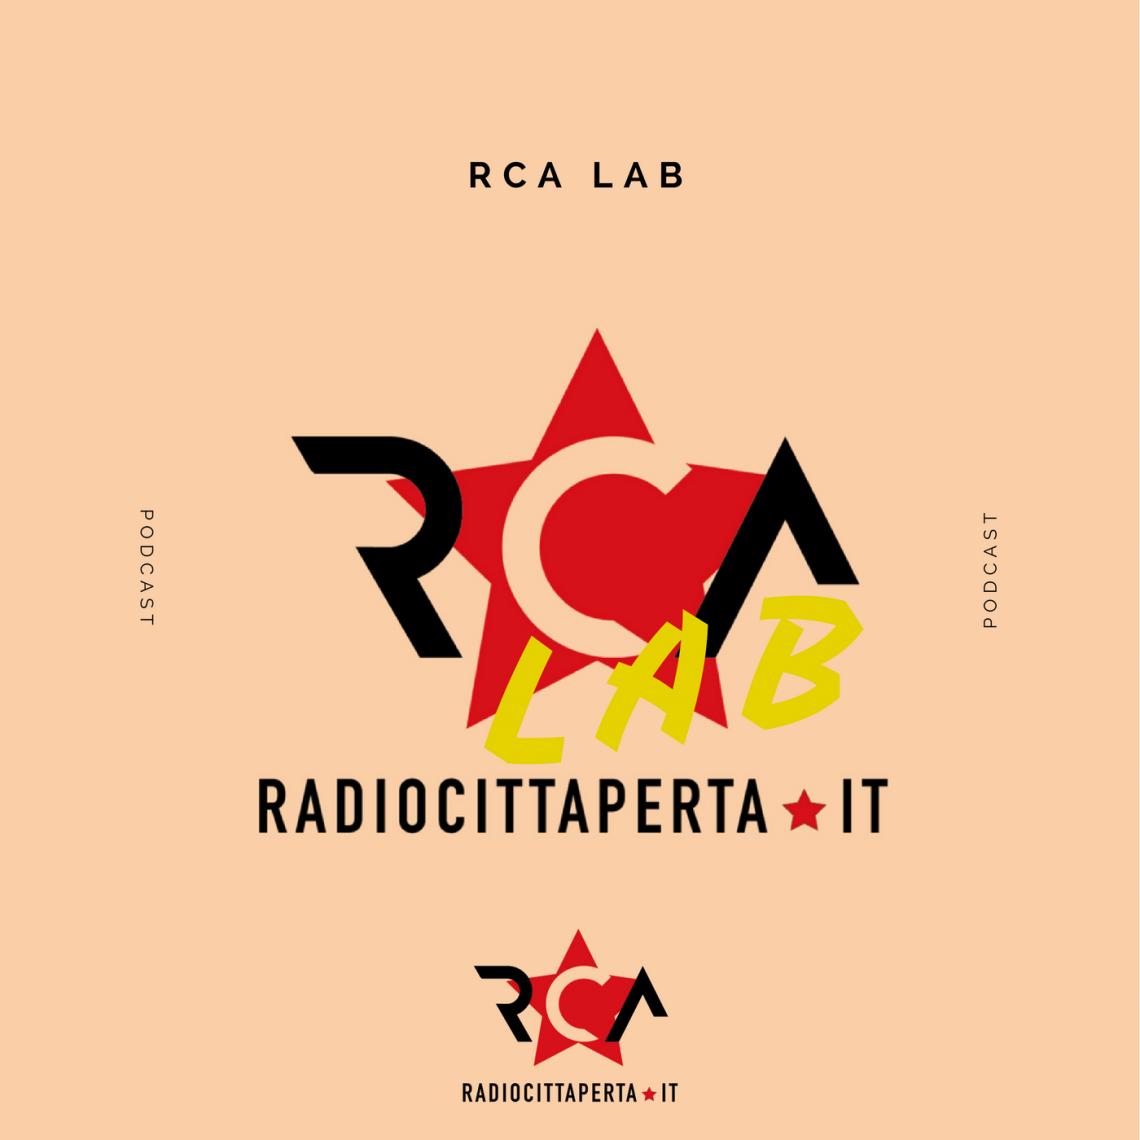 RCA LAB del 04-02-2018